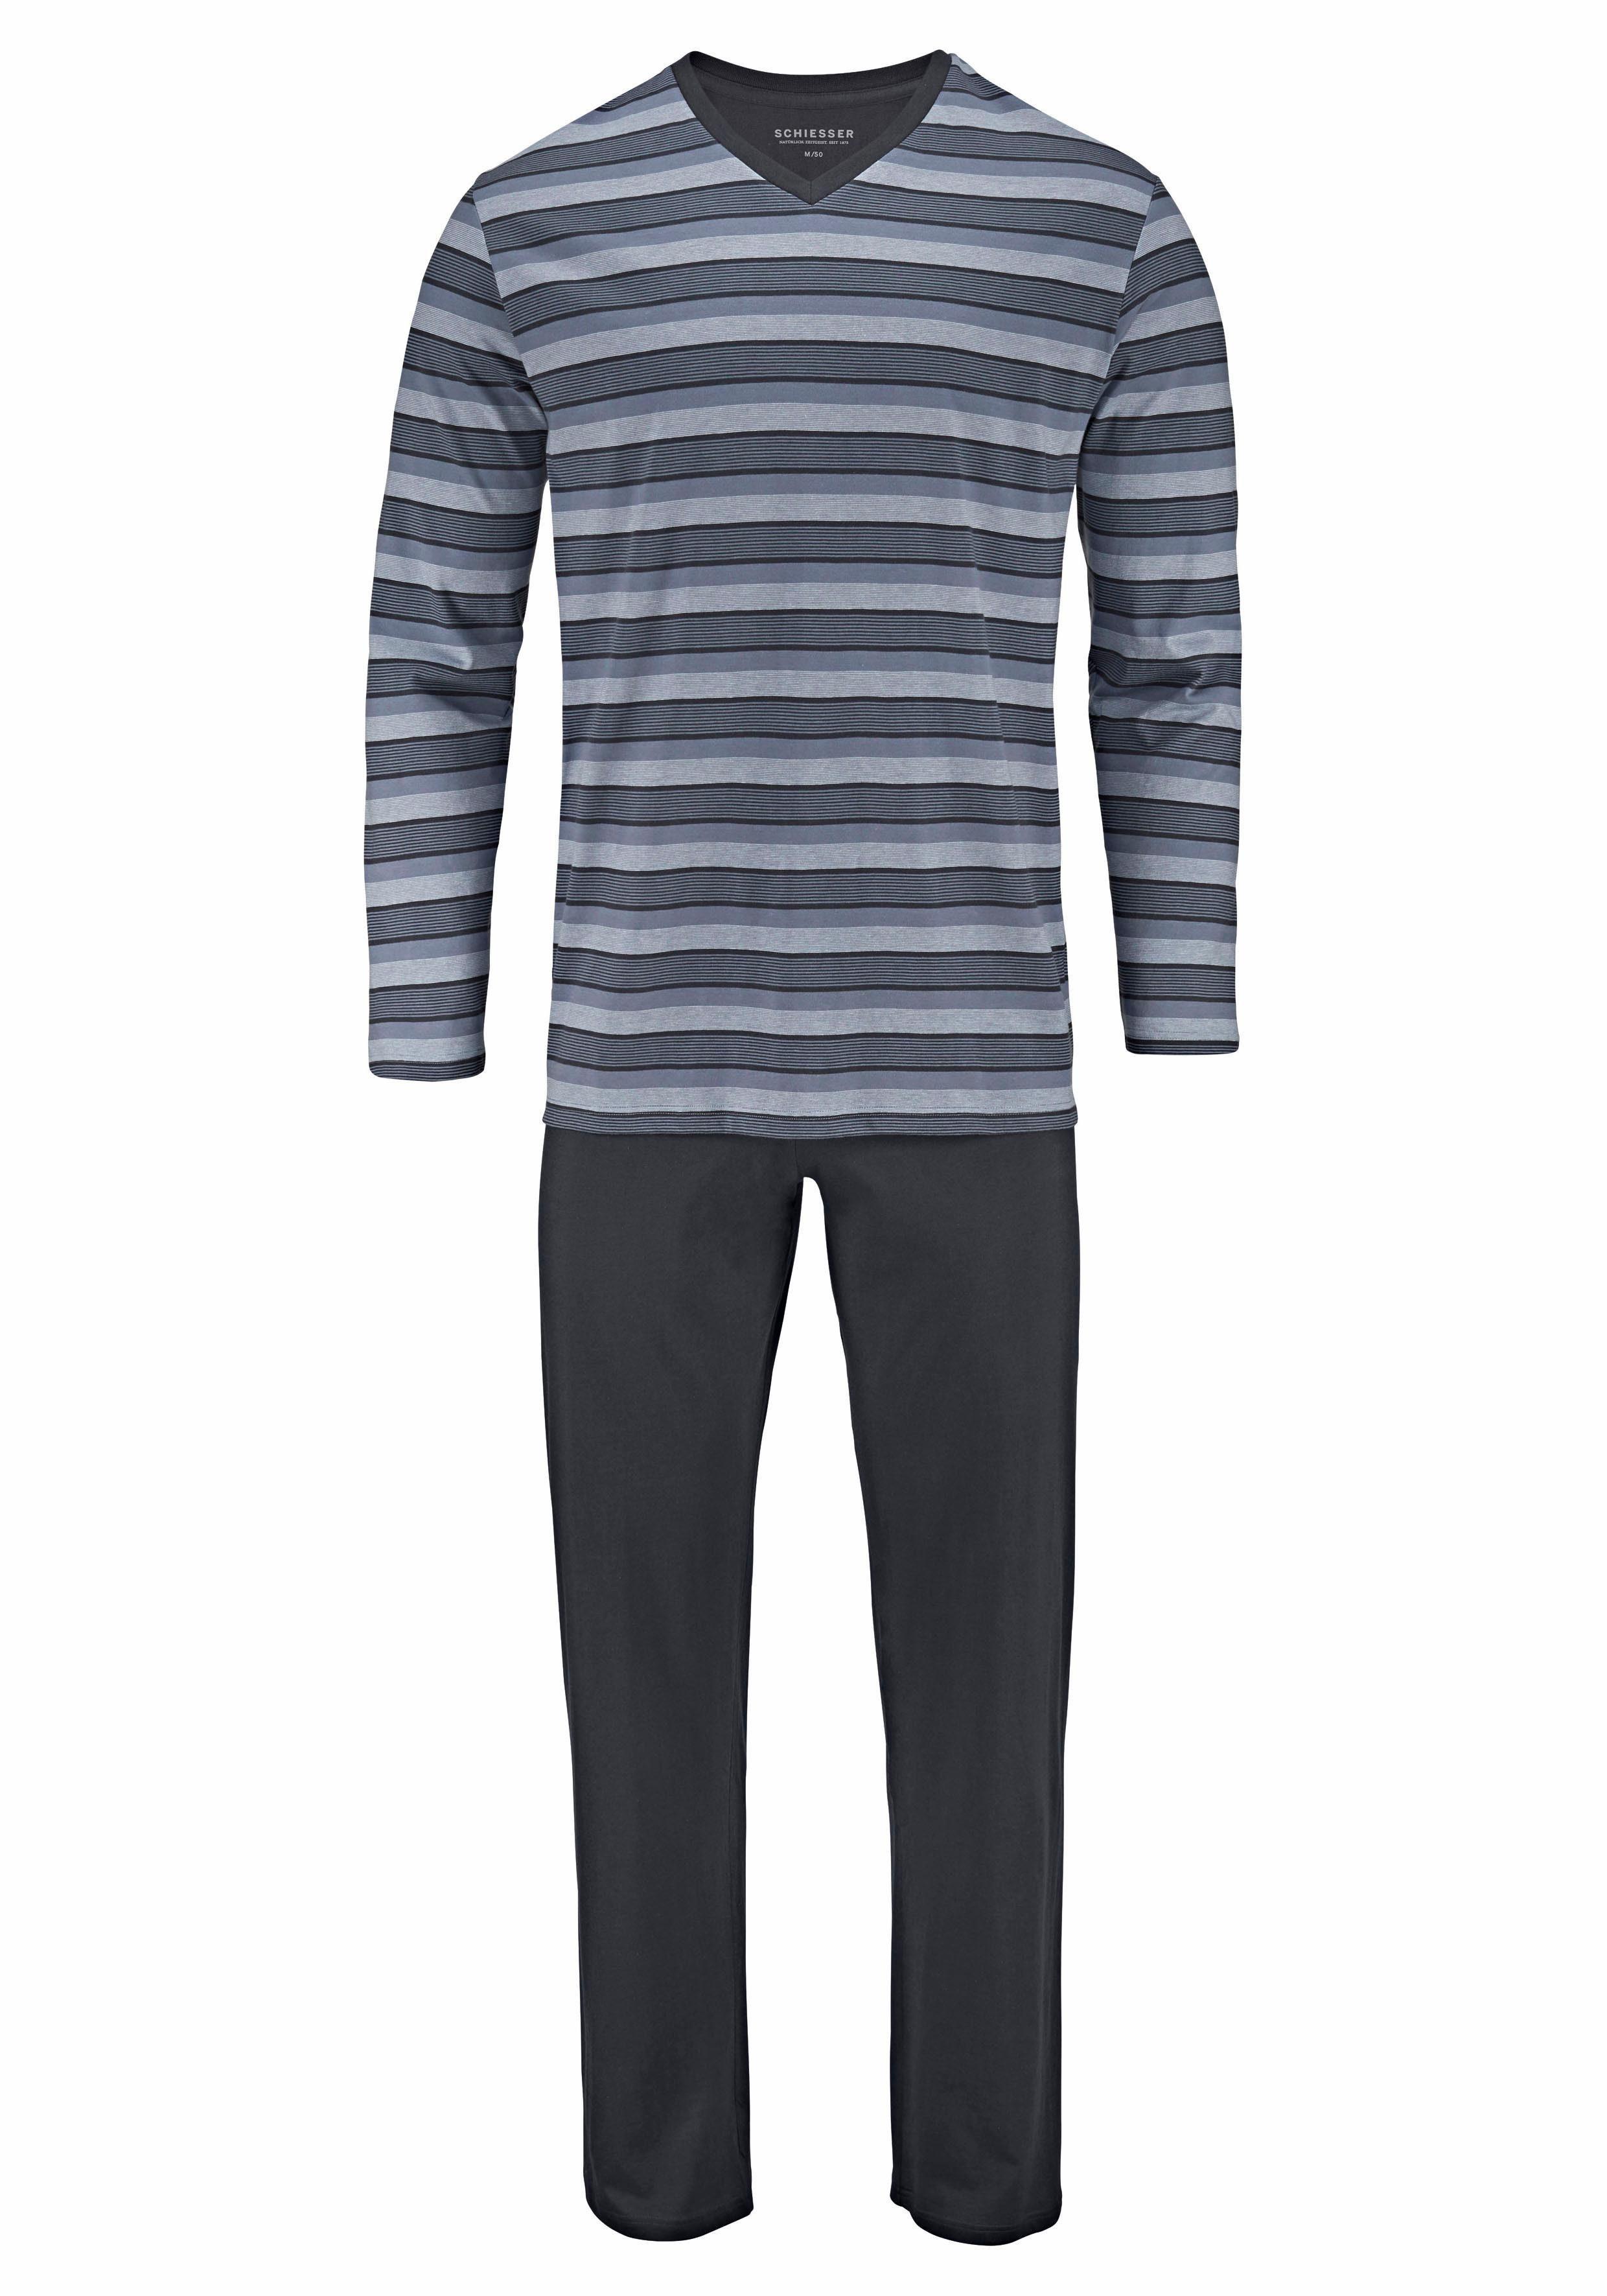 Schiesser Pyjama lang, Streifen mit V-Ausschnitt